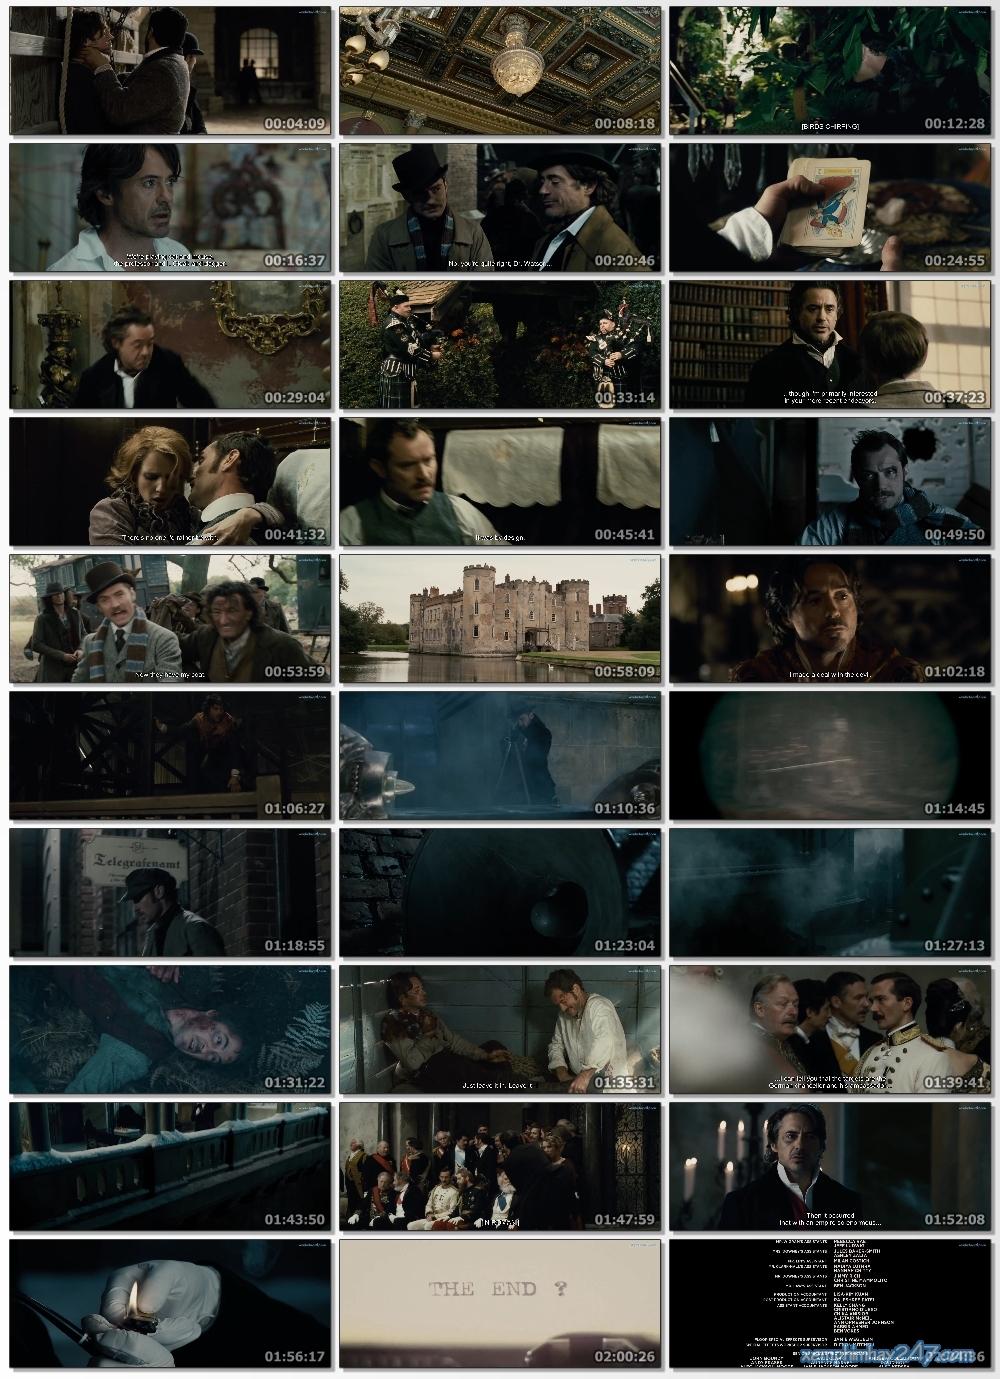 http://xemphimhay247.com - Xem phim hay 247 - Thám Tử Sherlock Holmes 2: Trò Chơi Của Bóng Đêm (2011) - Sherlock Holmes 2: A Game Of Shadows (2011)